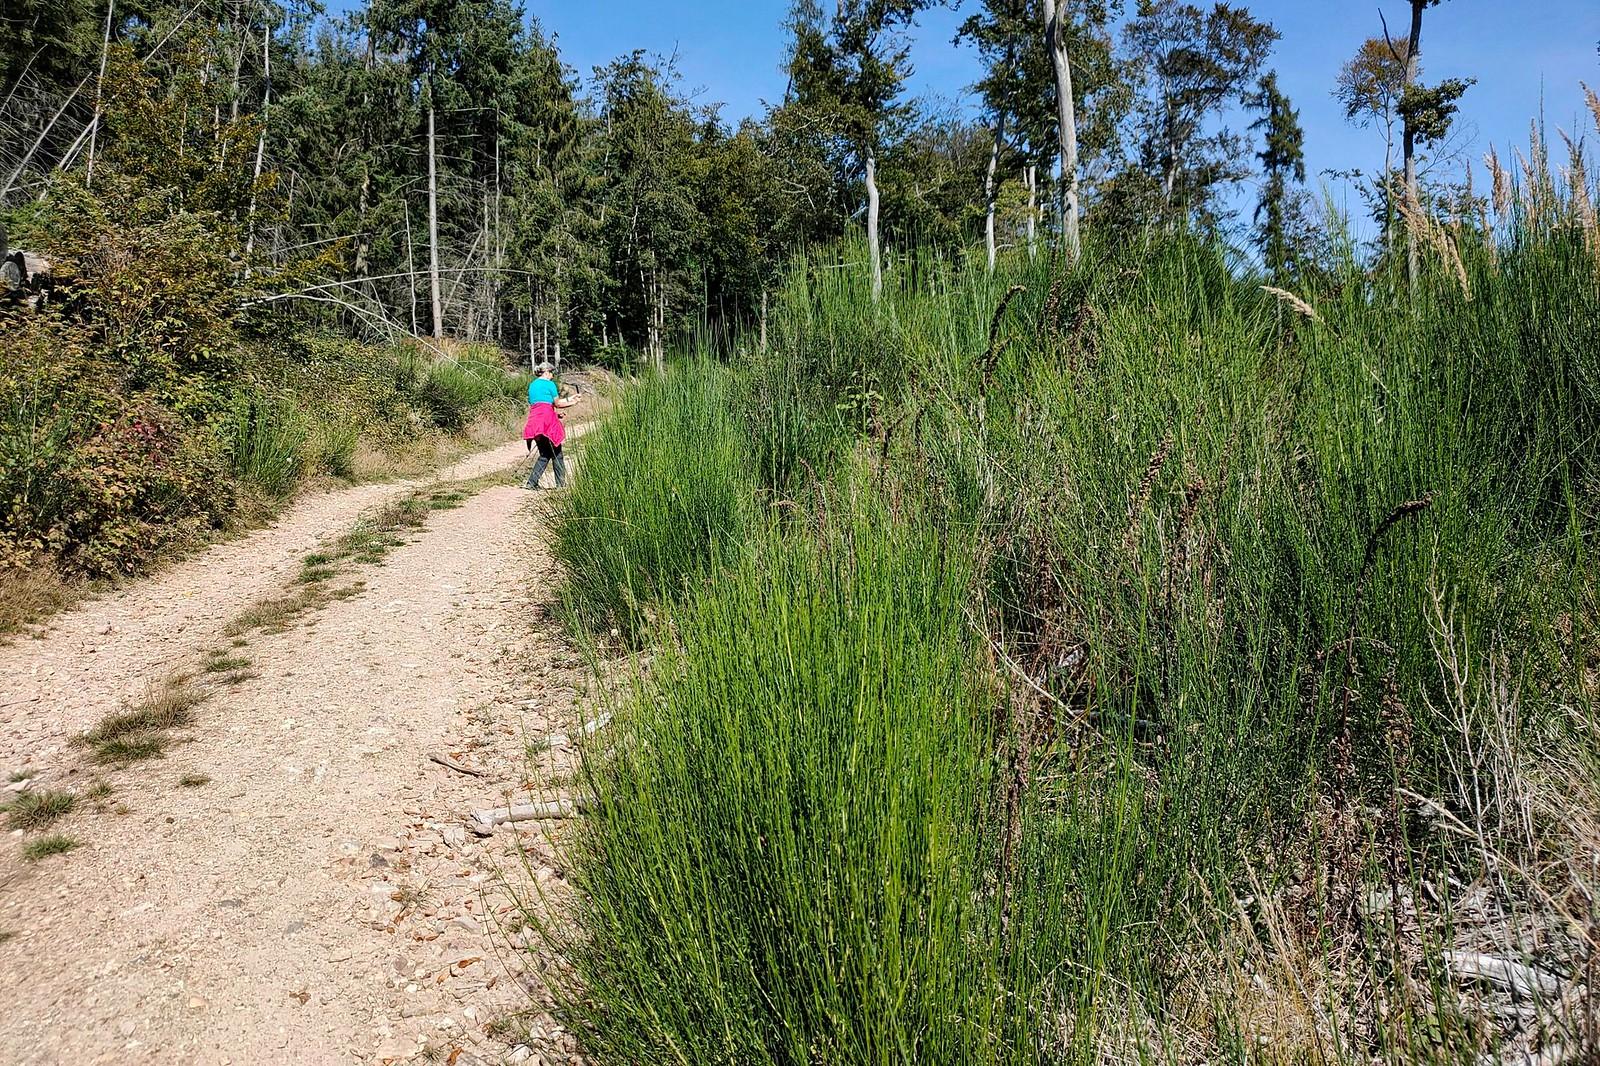 Abstieg von Hallgarter Zange, leider nur forstwirtschaftlichen Wege mit hartem Boden und lange Strecke mit gewölber Oberfläche